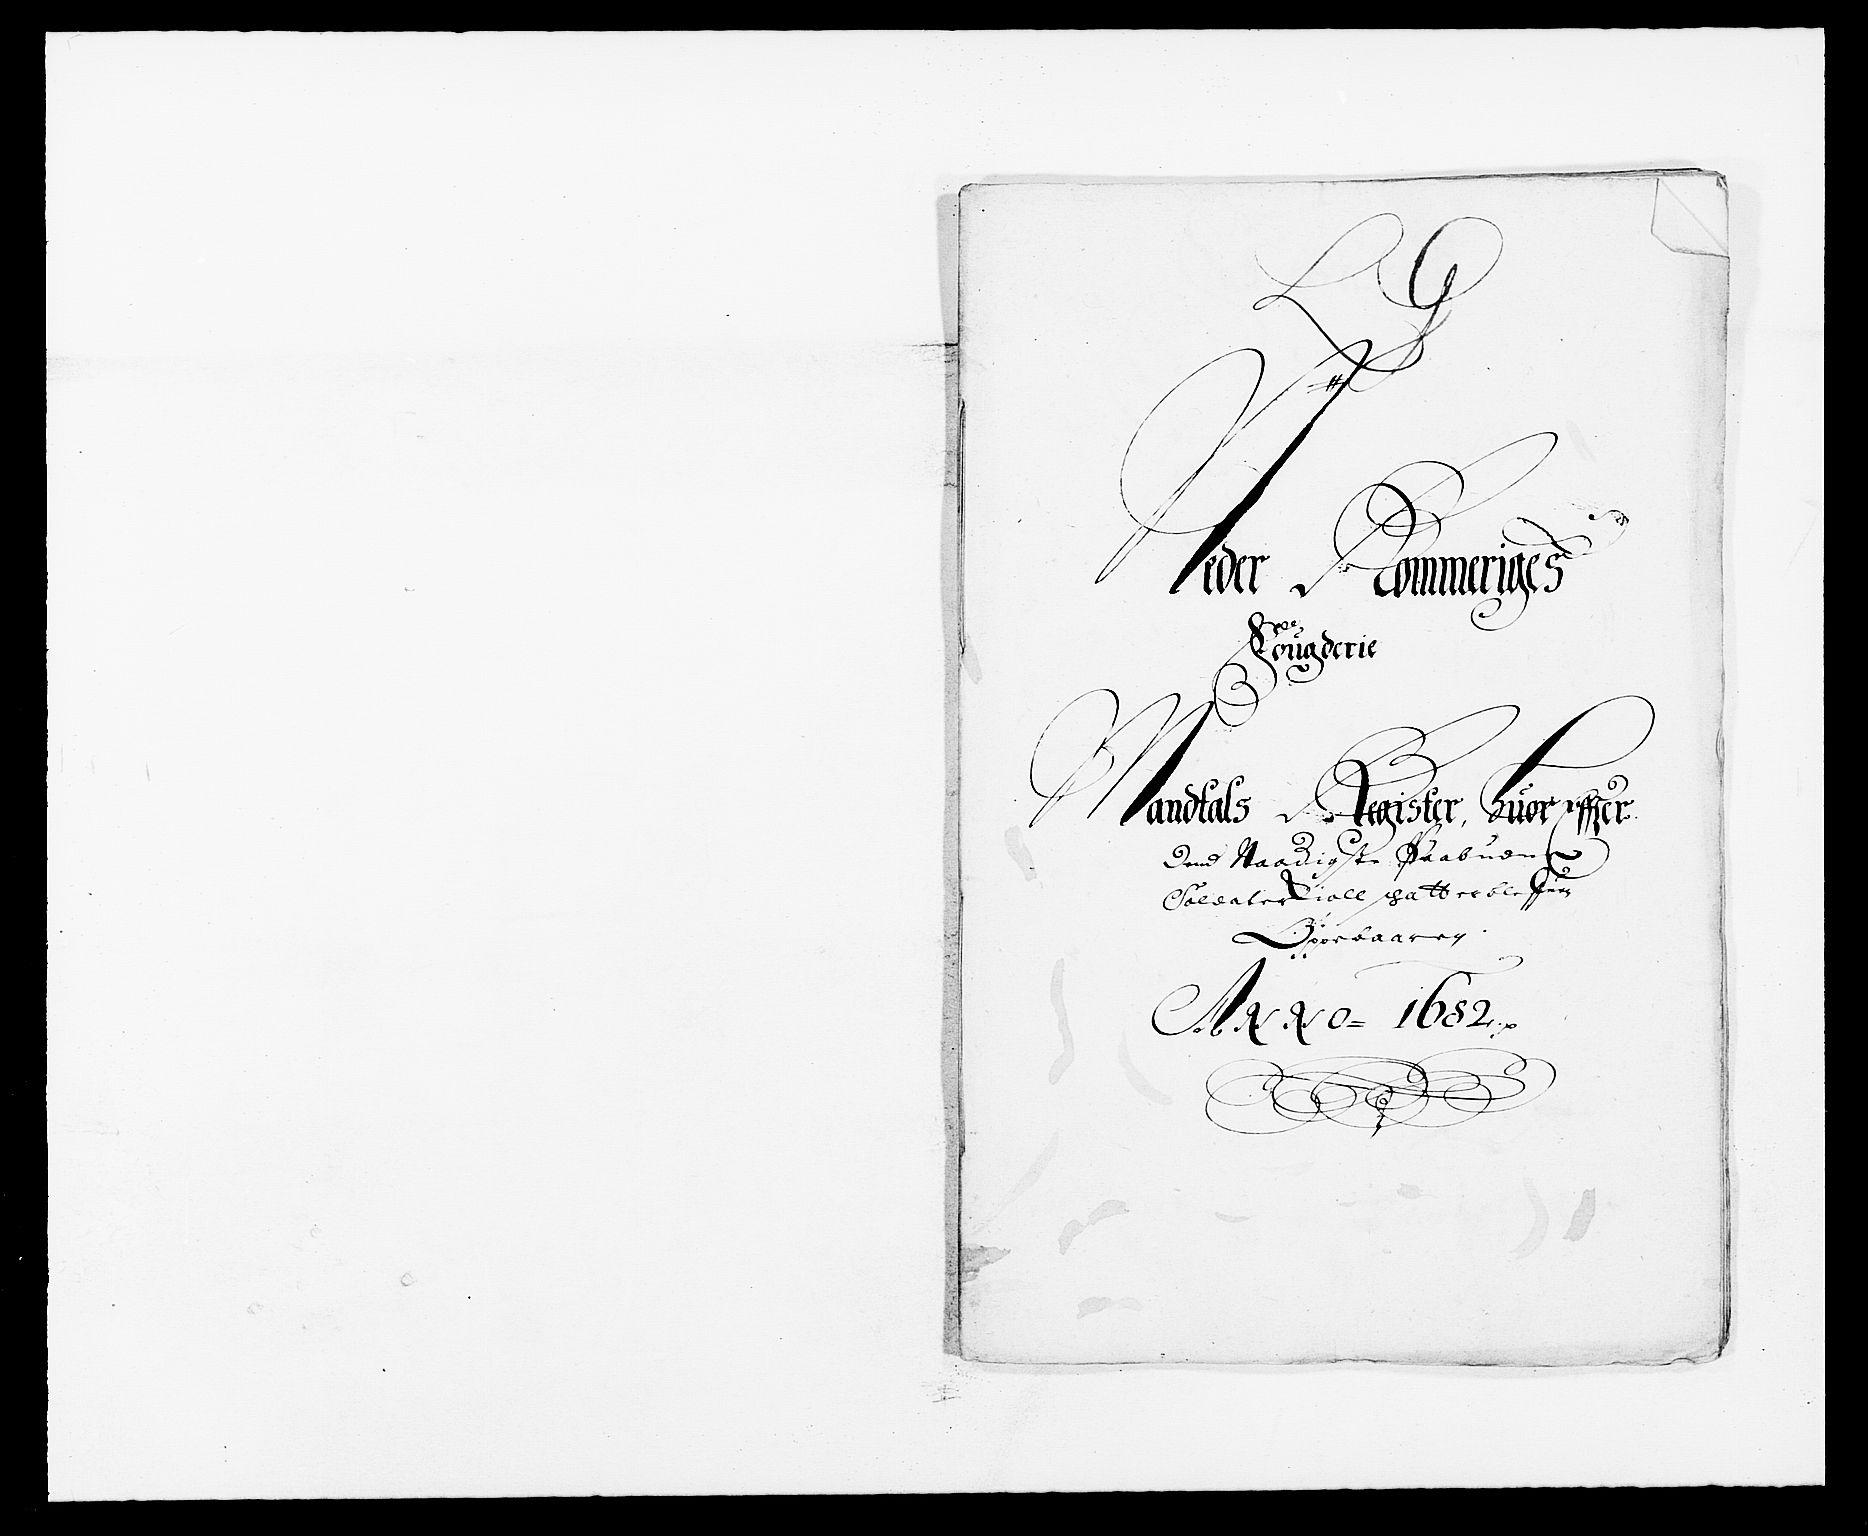 RA, Rentekammeret inntil 1814, Reviderte regnskaper, Fogderegnskap, R11/L0570: Fogderegnskap Nedre Romerike, 1682, s. 188